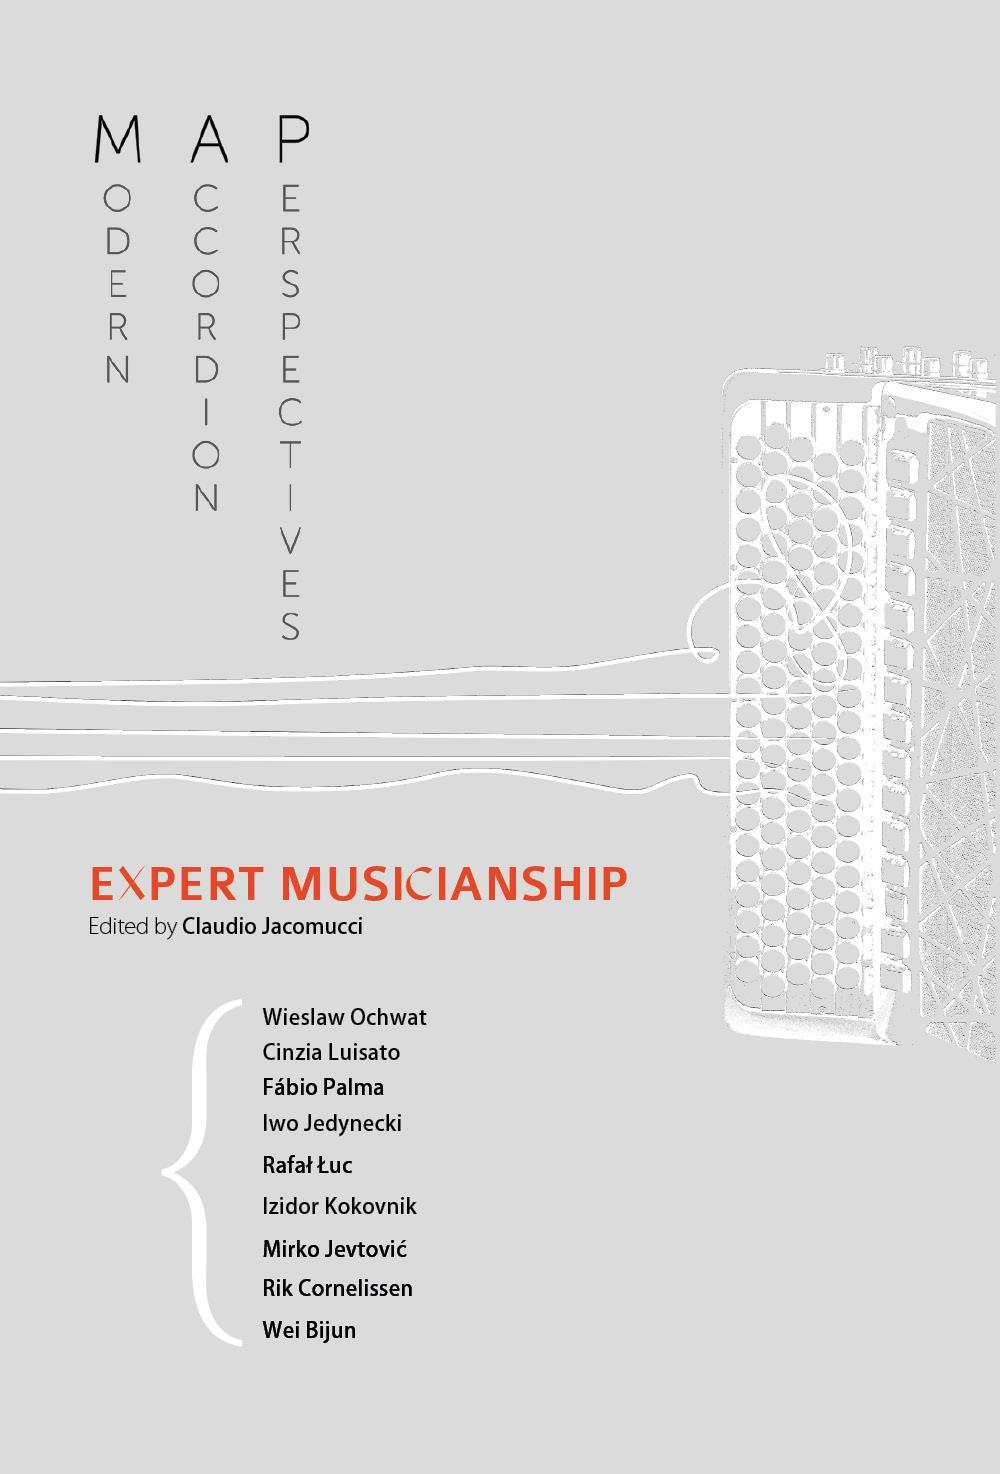 Expert Musicianship